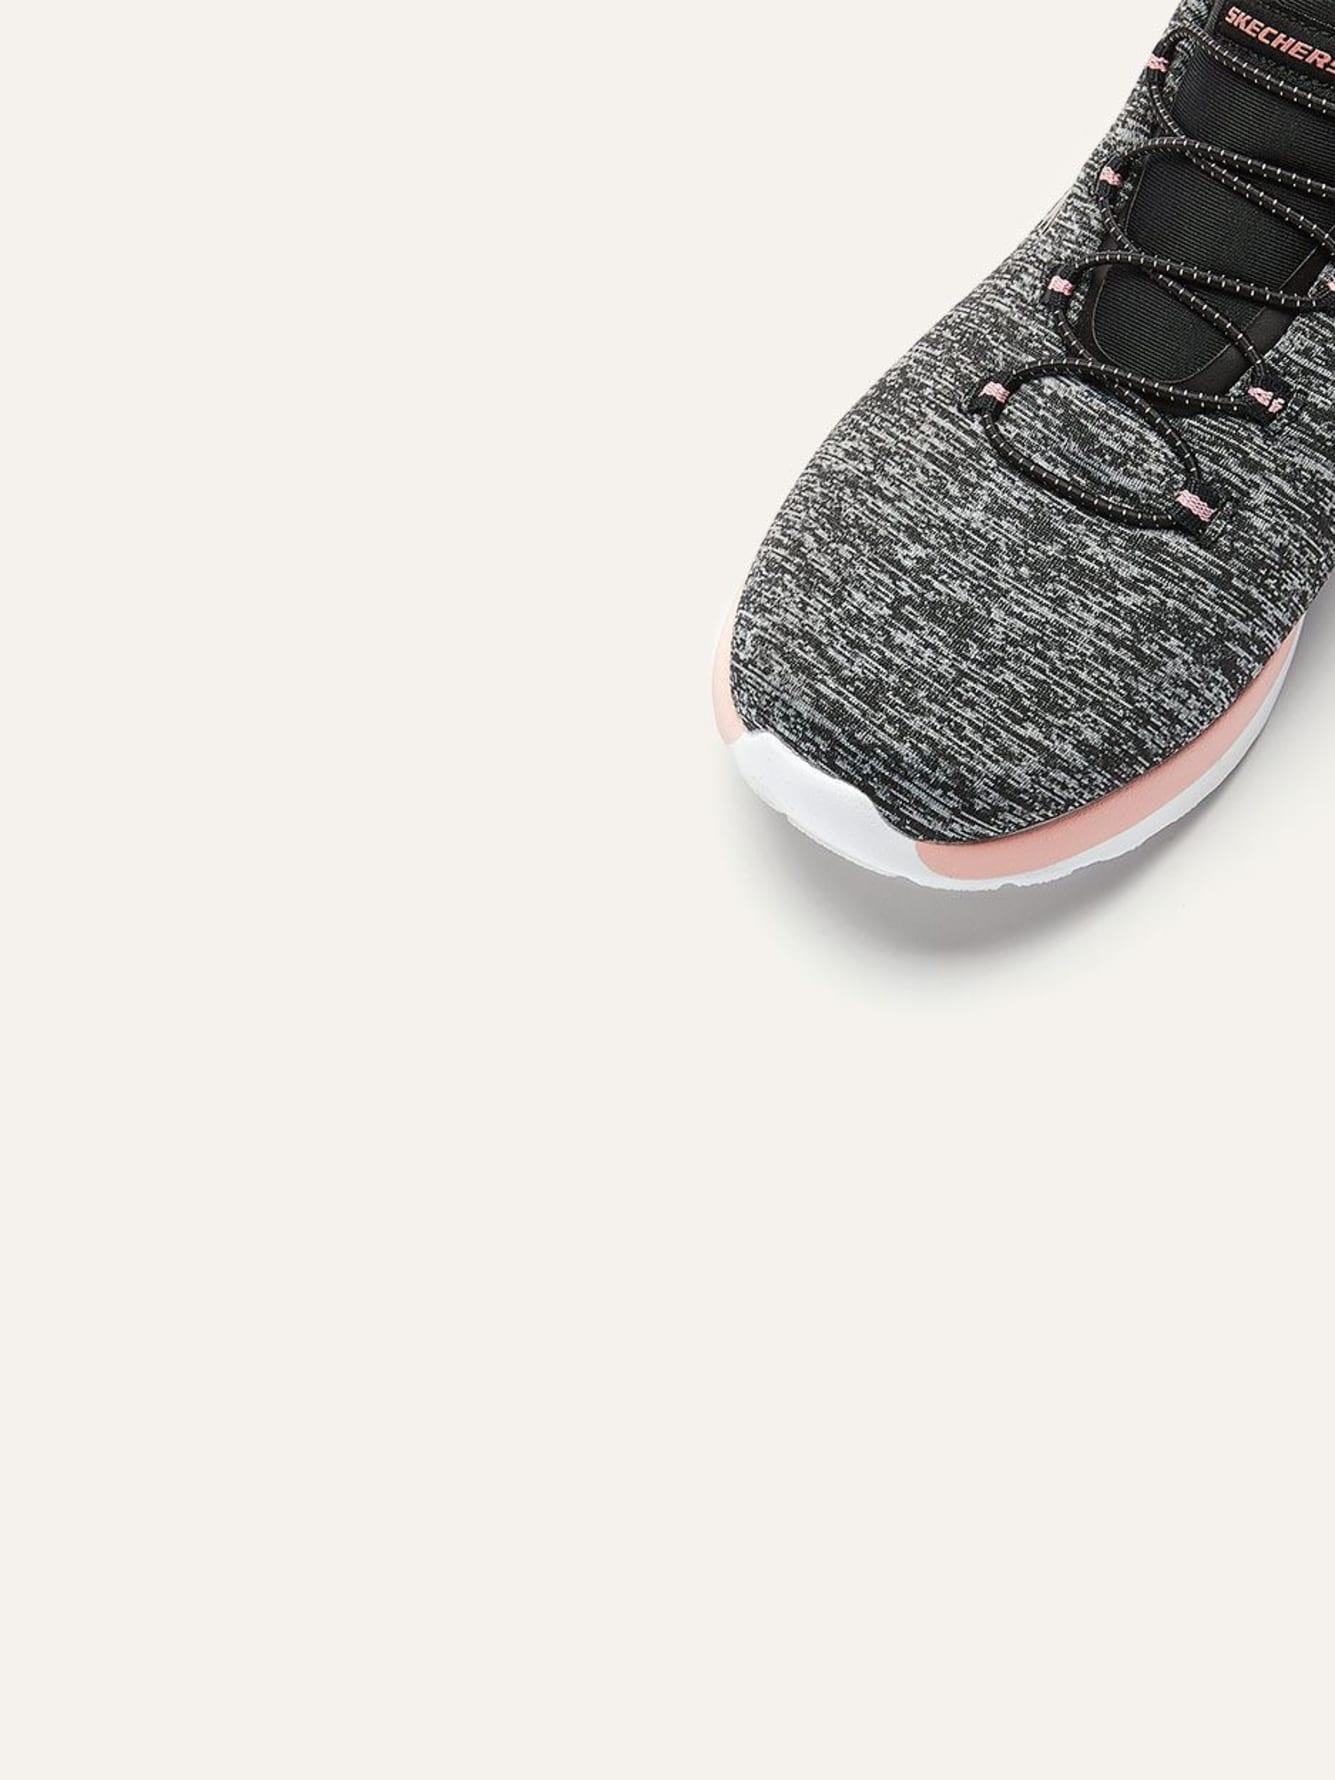 Skechers Dynamight, Break Through Chaussures de sport à enfiler pieds larges